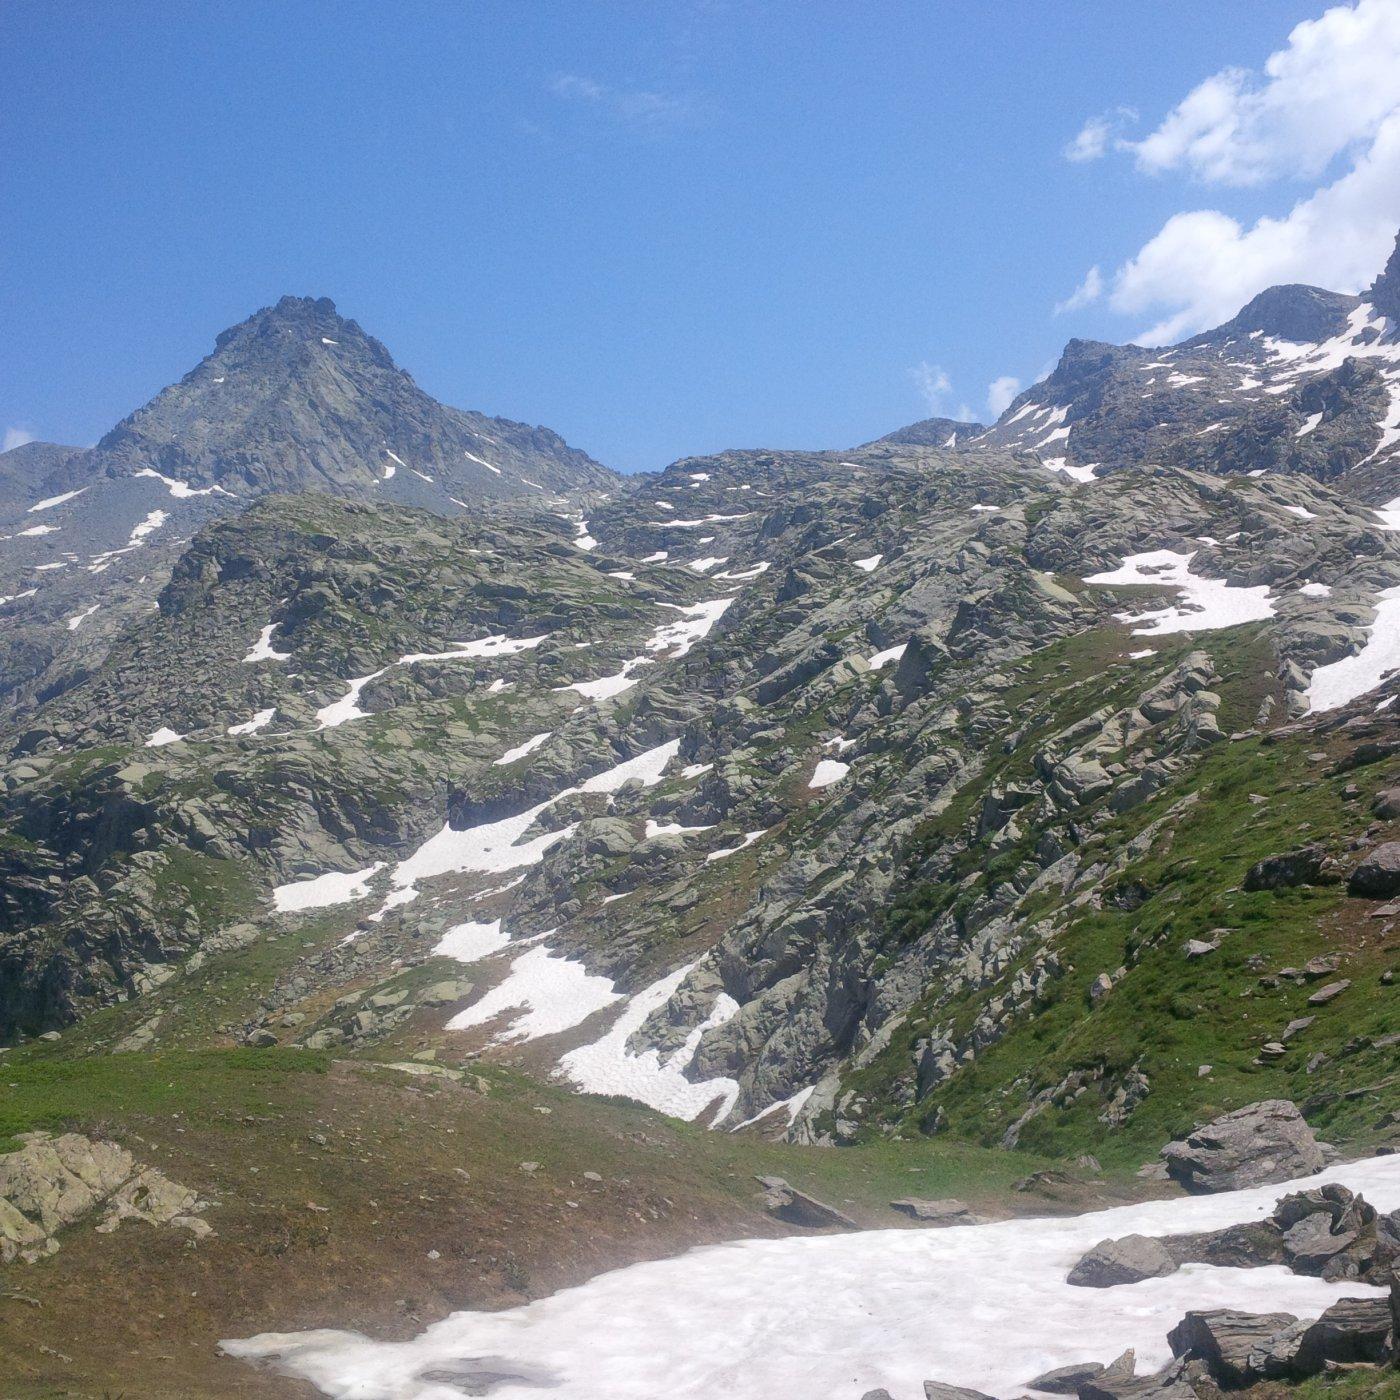 La cima dai pressi del rifugio Granero (foto E. Lana).